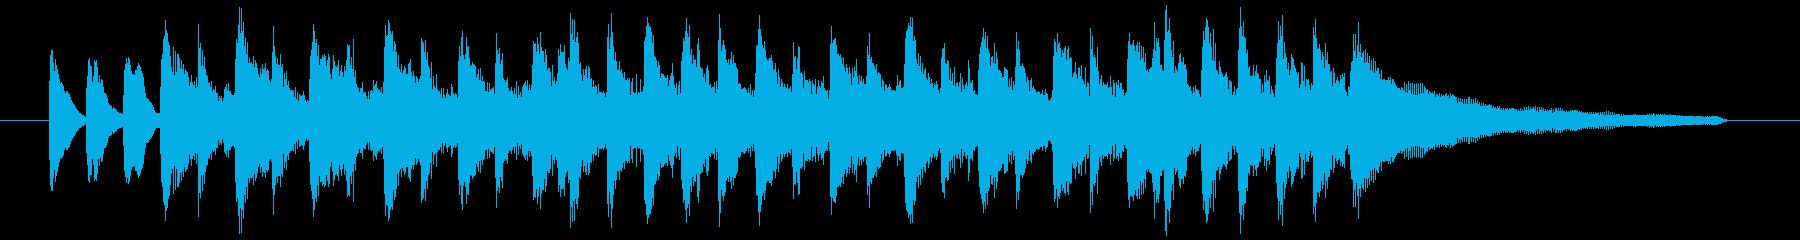 流行のコーポレート系サウンド♪の再生済みの波形